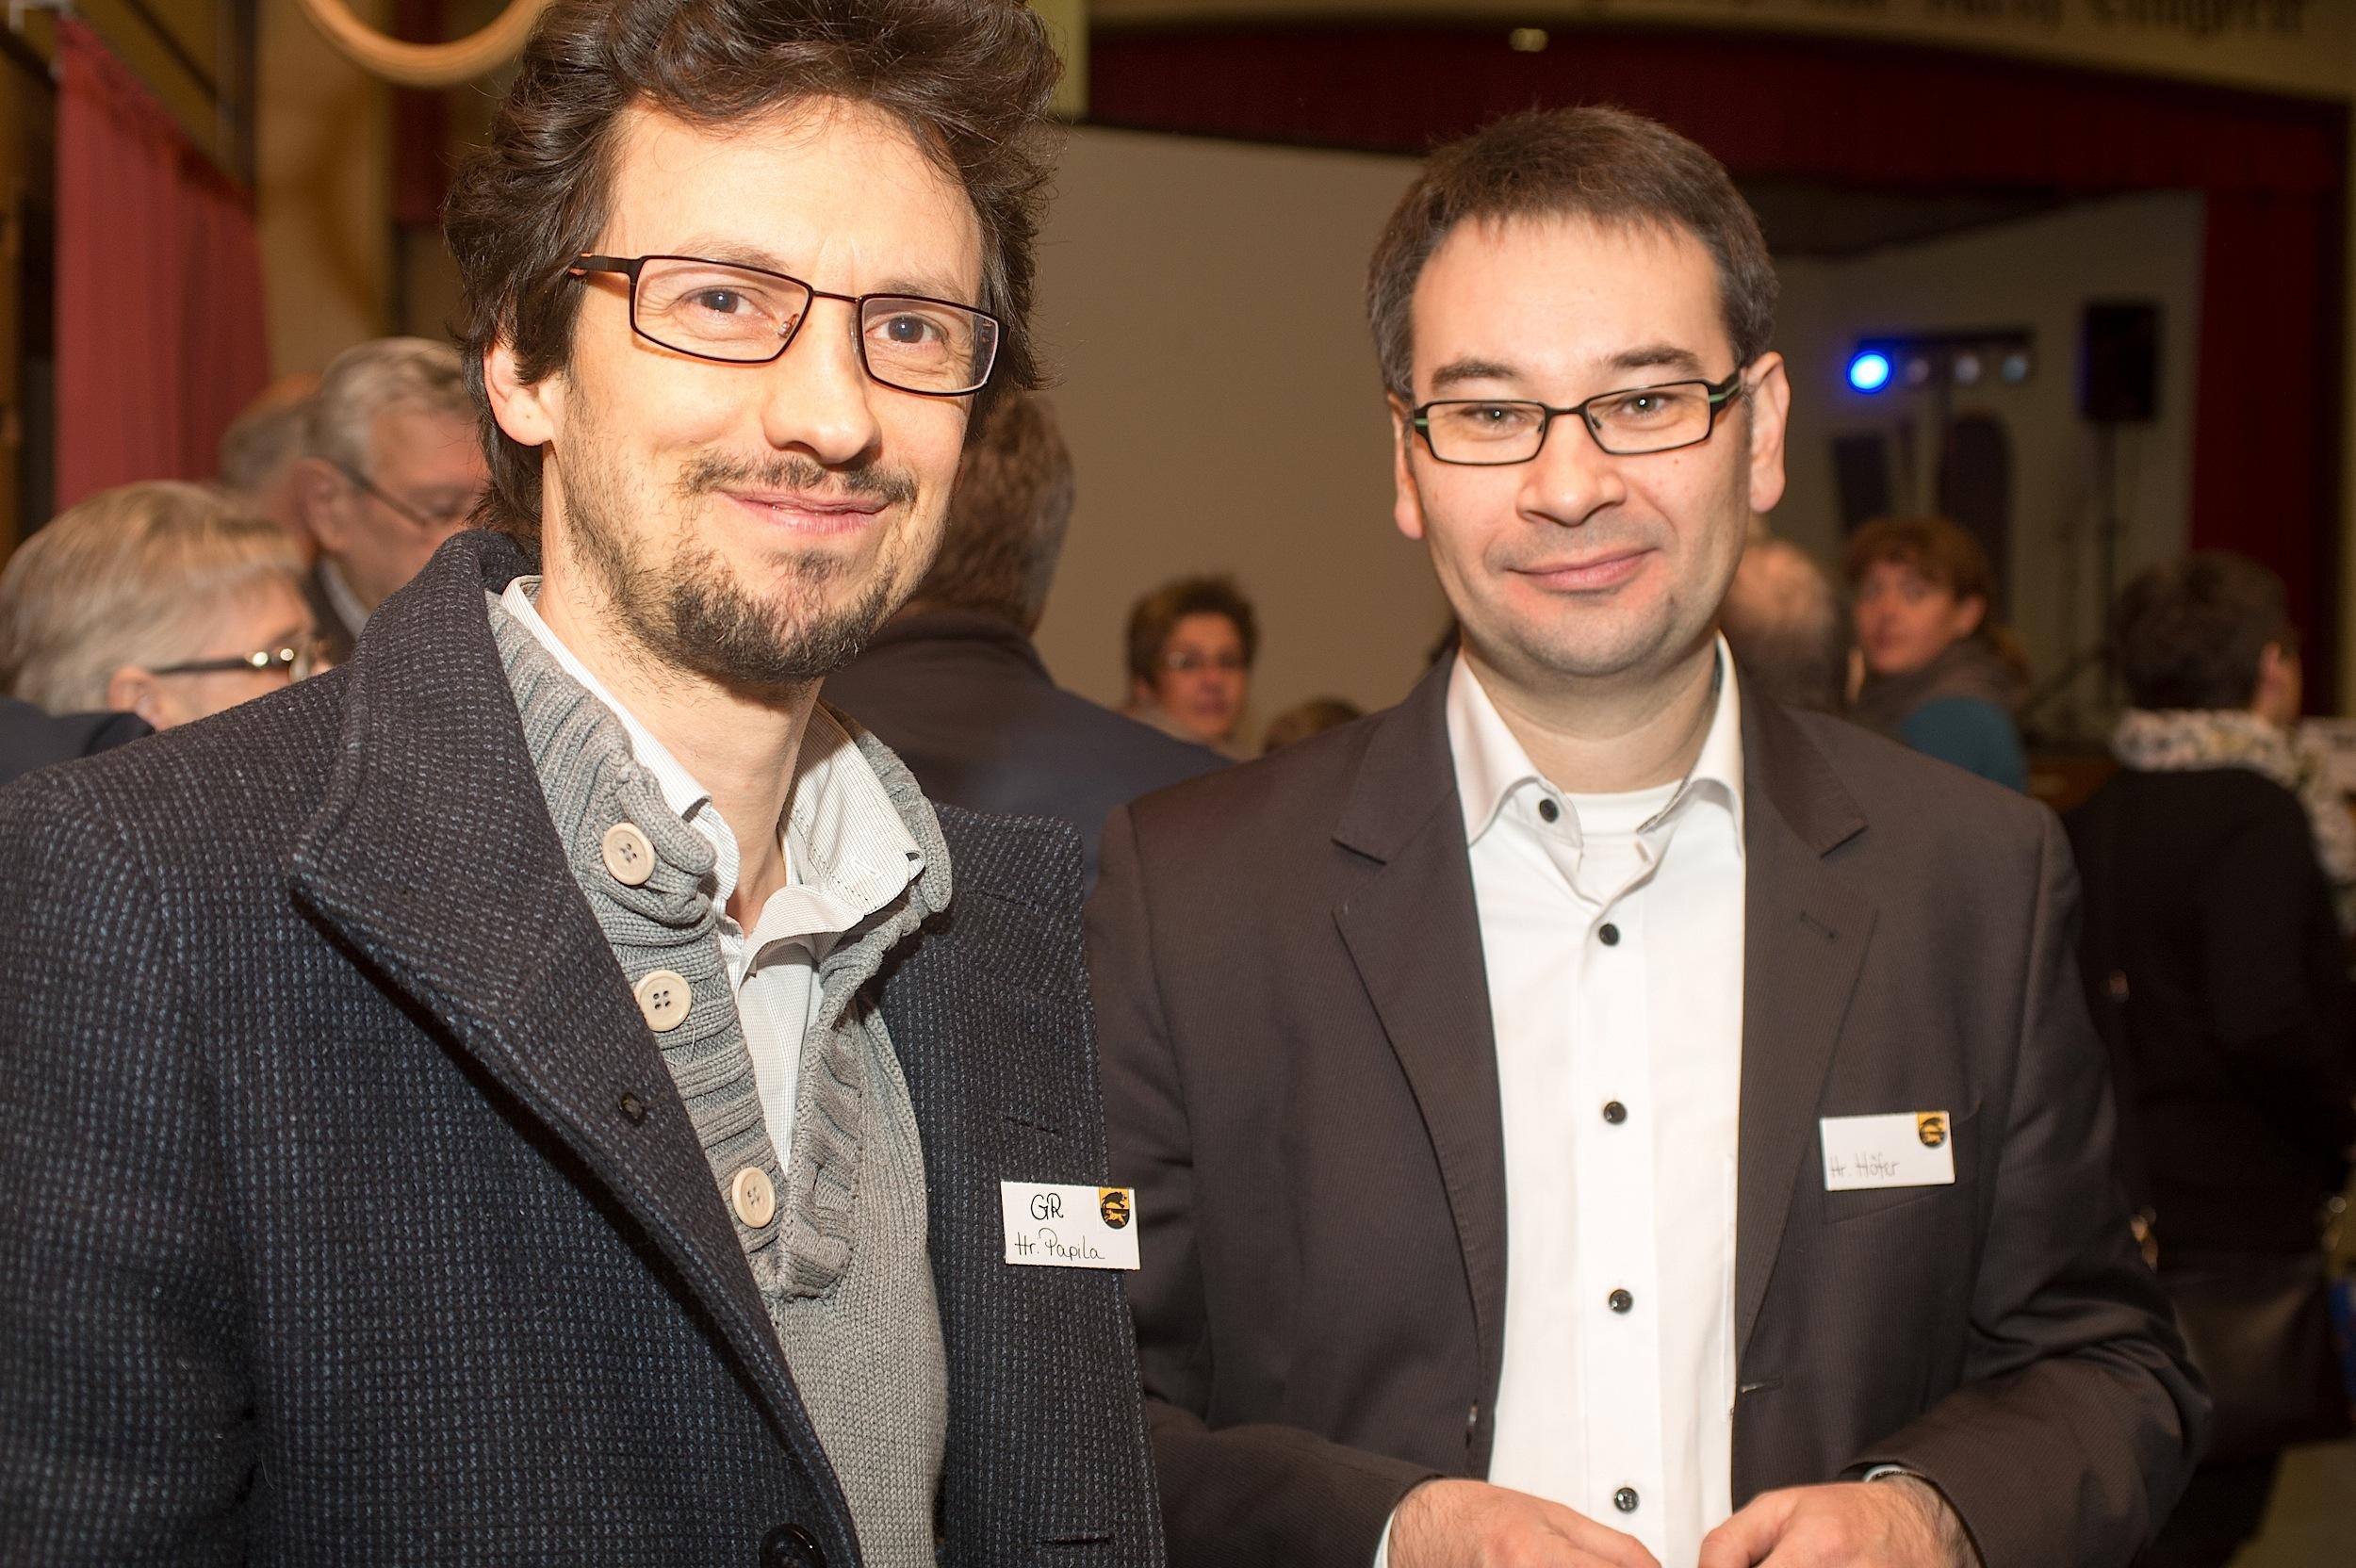 Neujahrsempfang Adelberg 2016. Gemeinderat Ahmet Papila (li) und Geschäftsführer Markus Höfer, der das Klosterparkgelände erwarb.